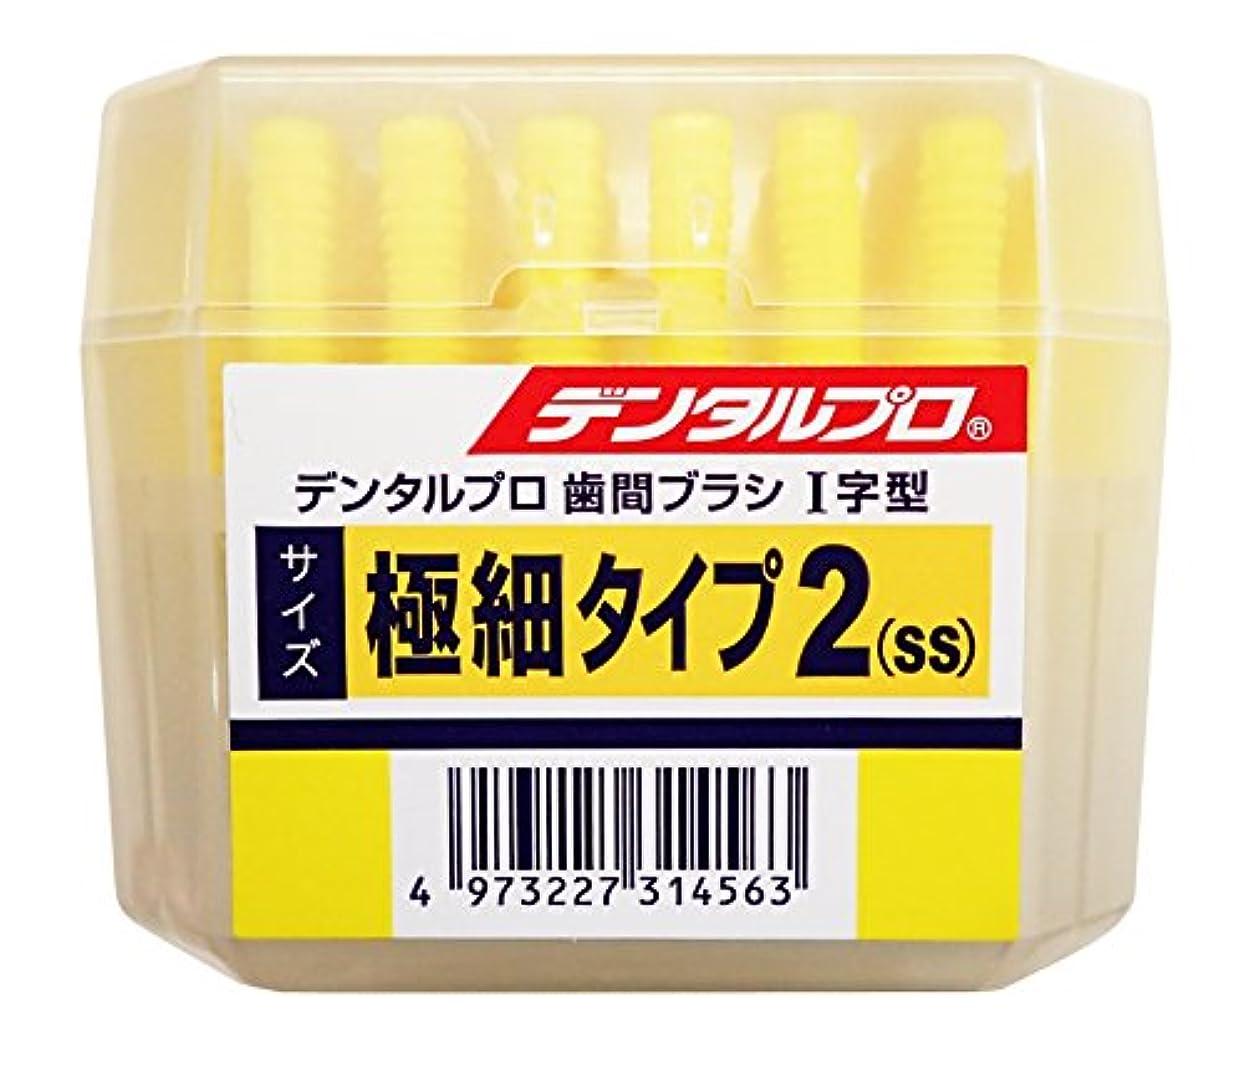 夕食を作るハイブリッド傷つきやすいデンタルプロ 歯間ブラシ I字型 極細タイプ サイズ2(SS) 50本入